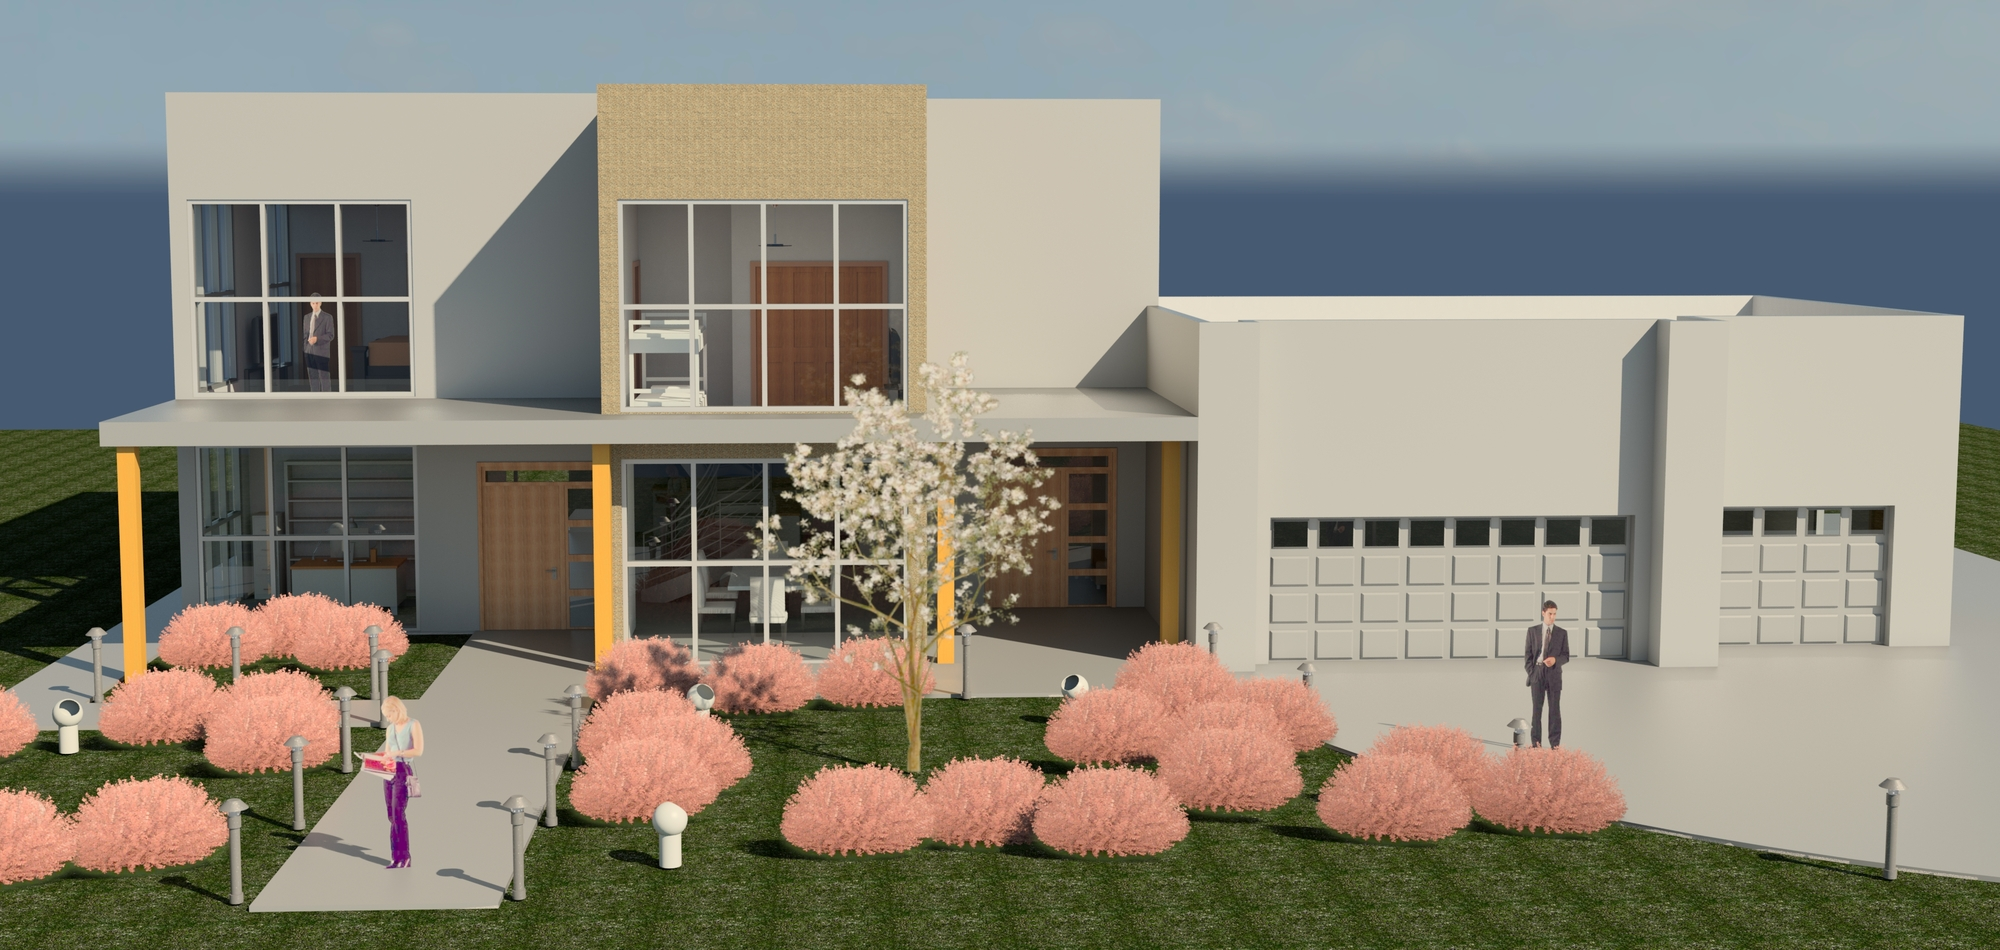 Raas-rendering20150127-7607-gku10c